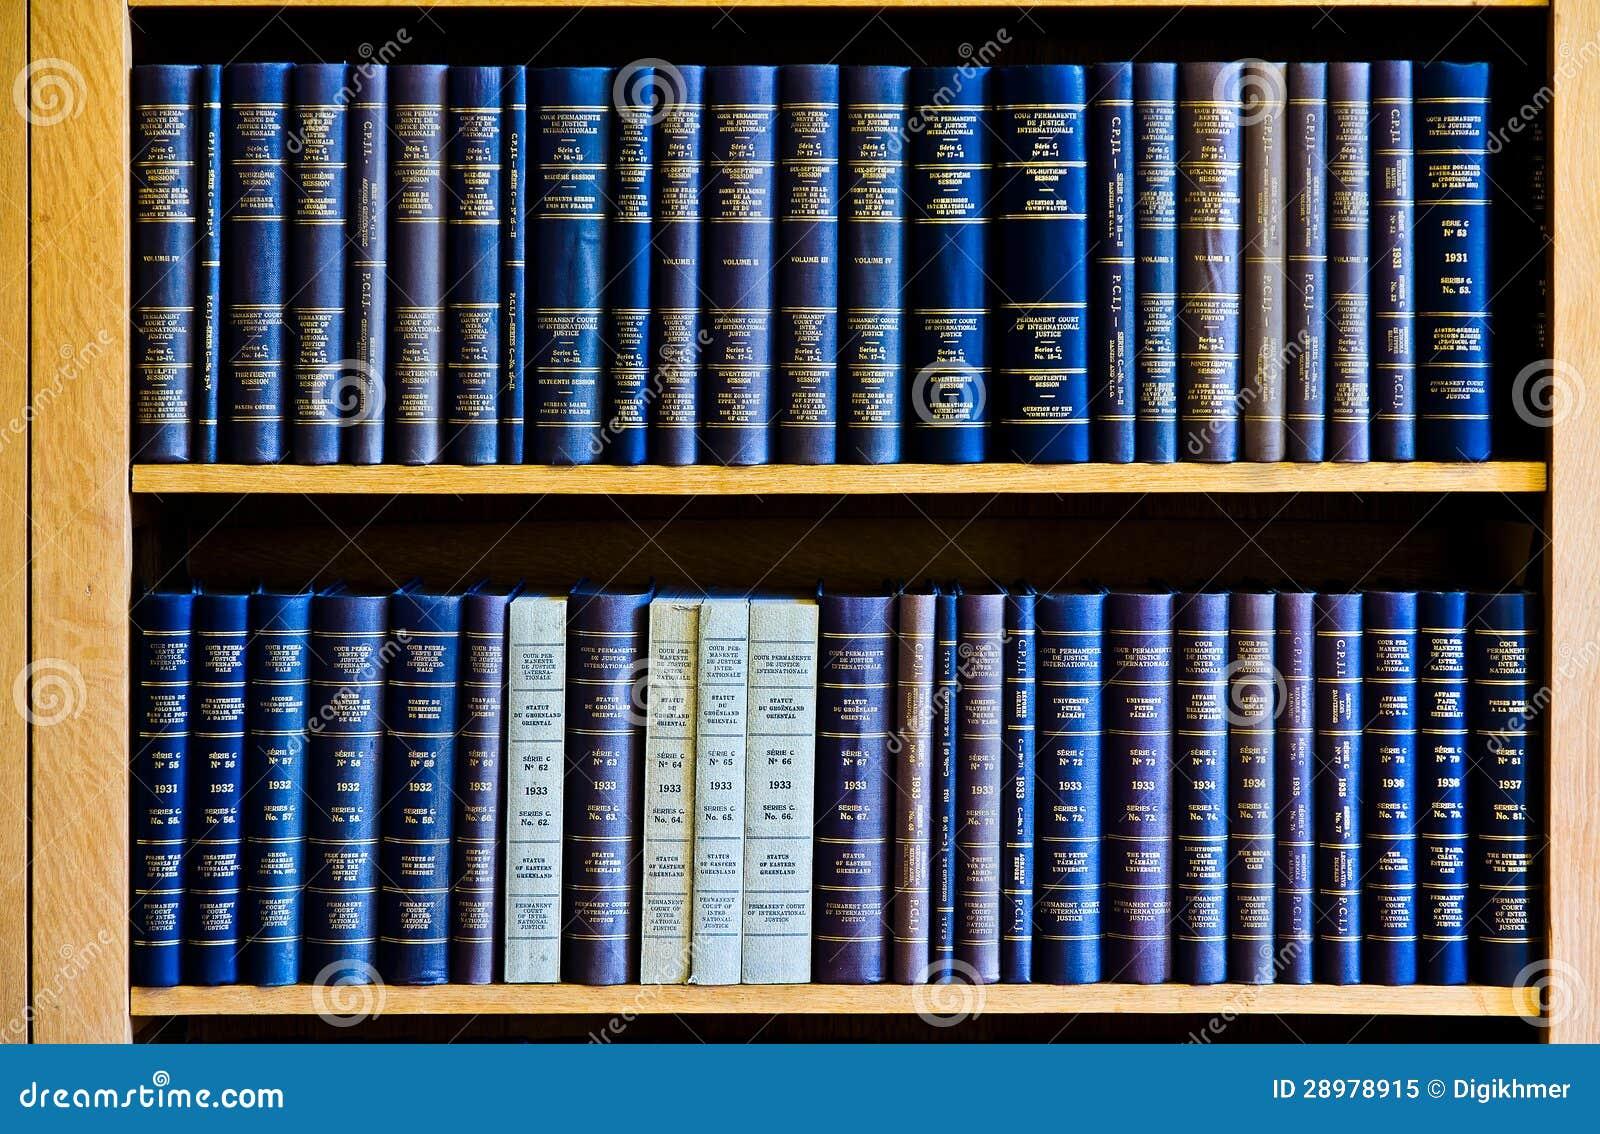 book lev vygotsky revolutionary scientist critical psychology